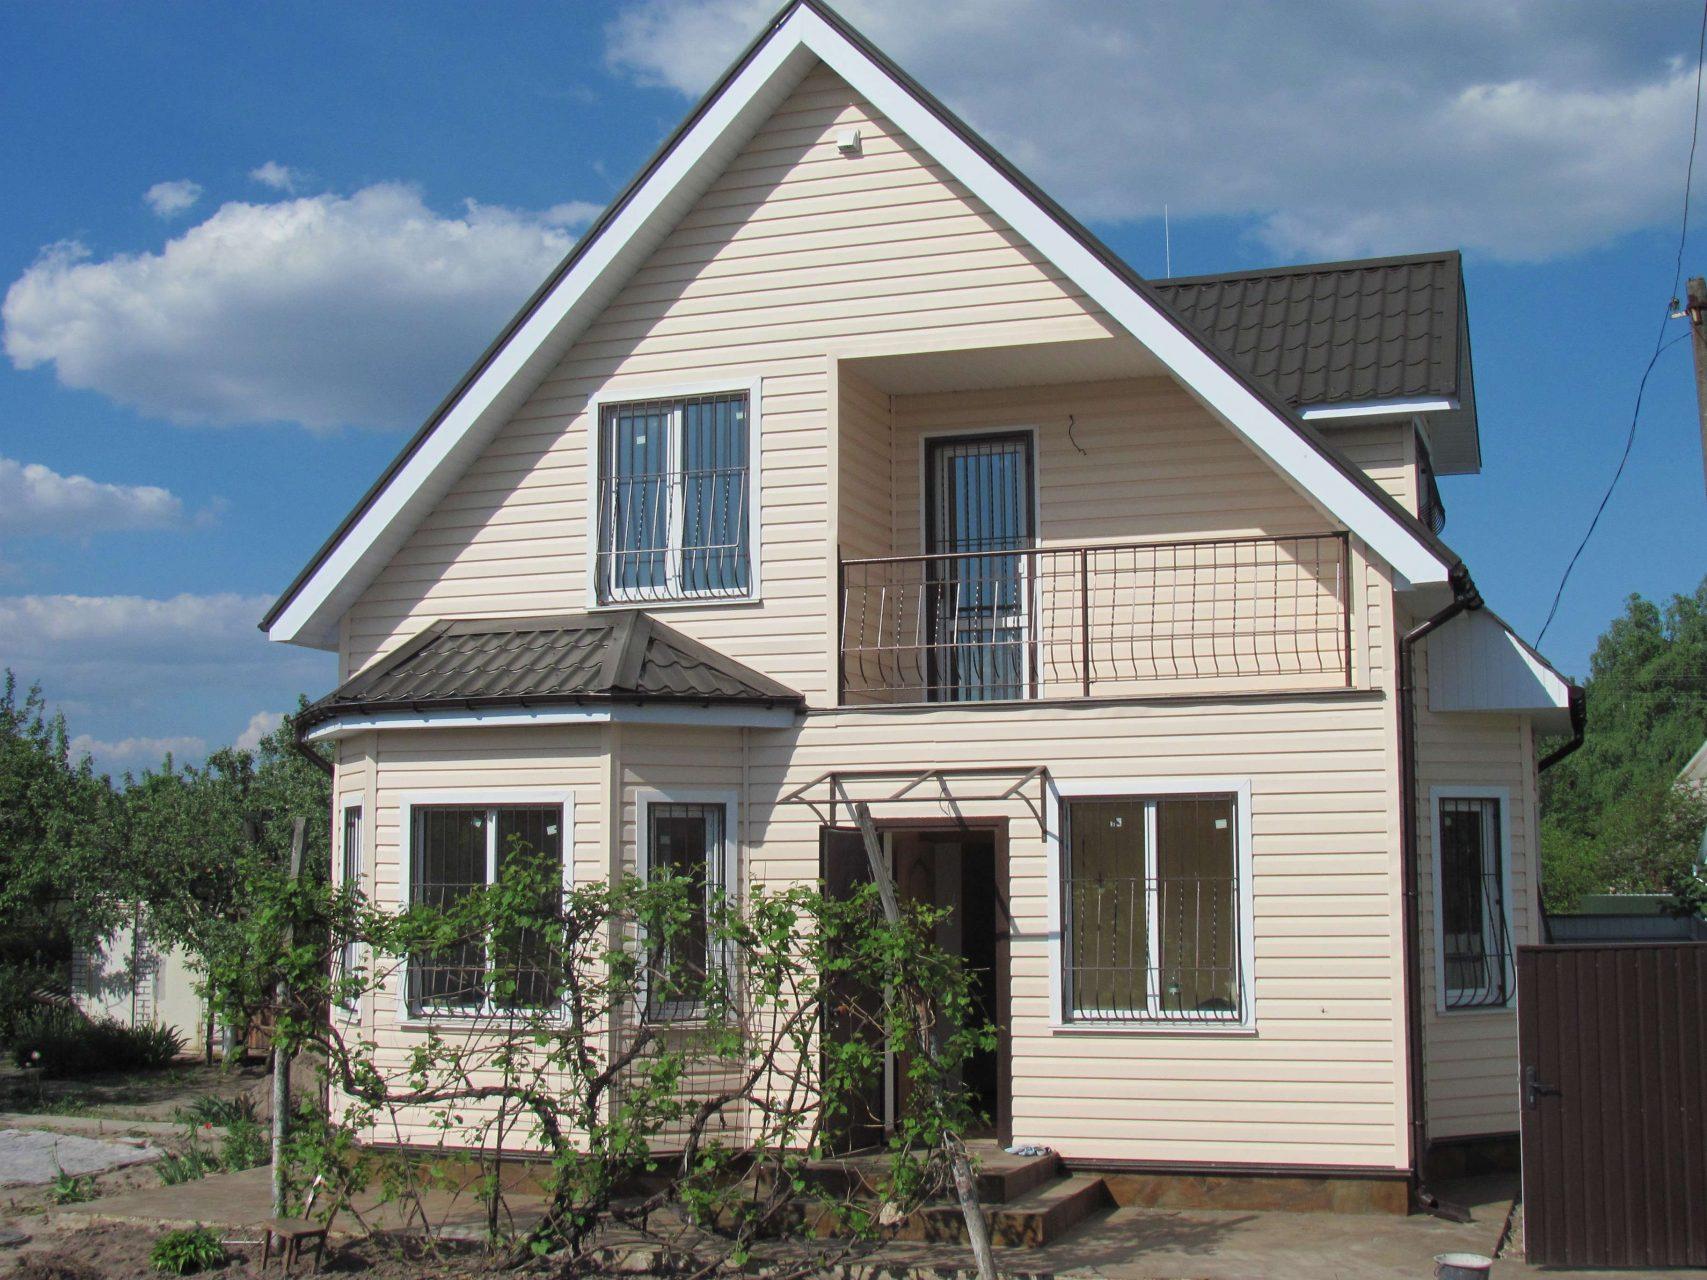 загородный дом с балконом обшитый сайдингом фото свадьбе есть несколько